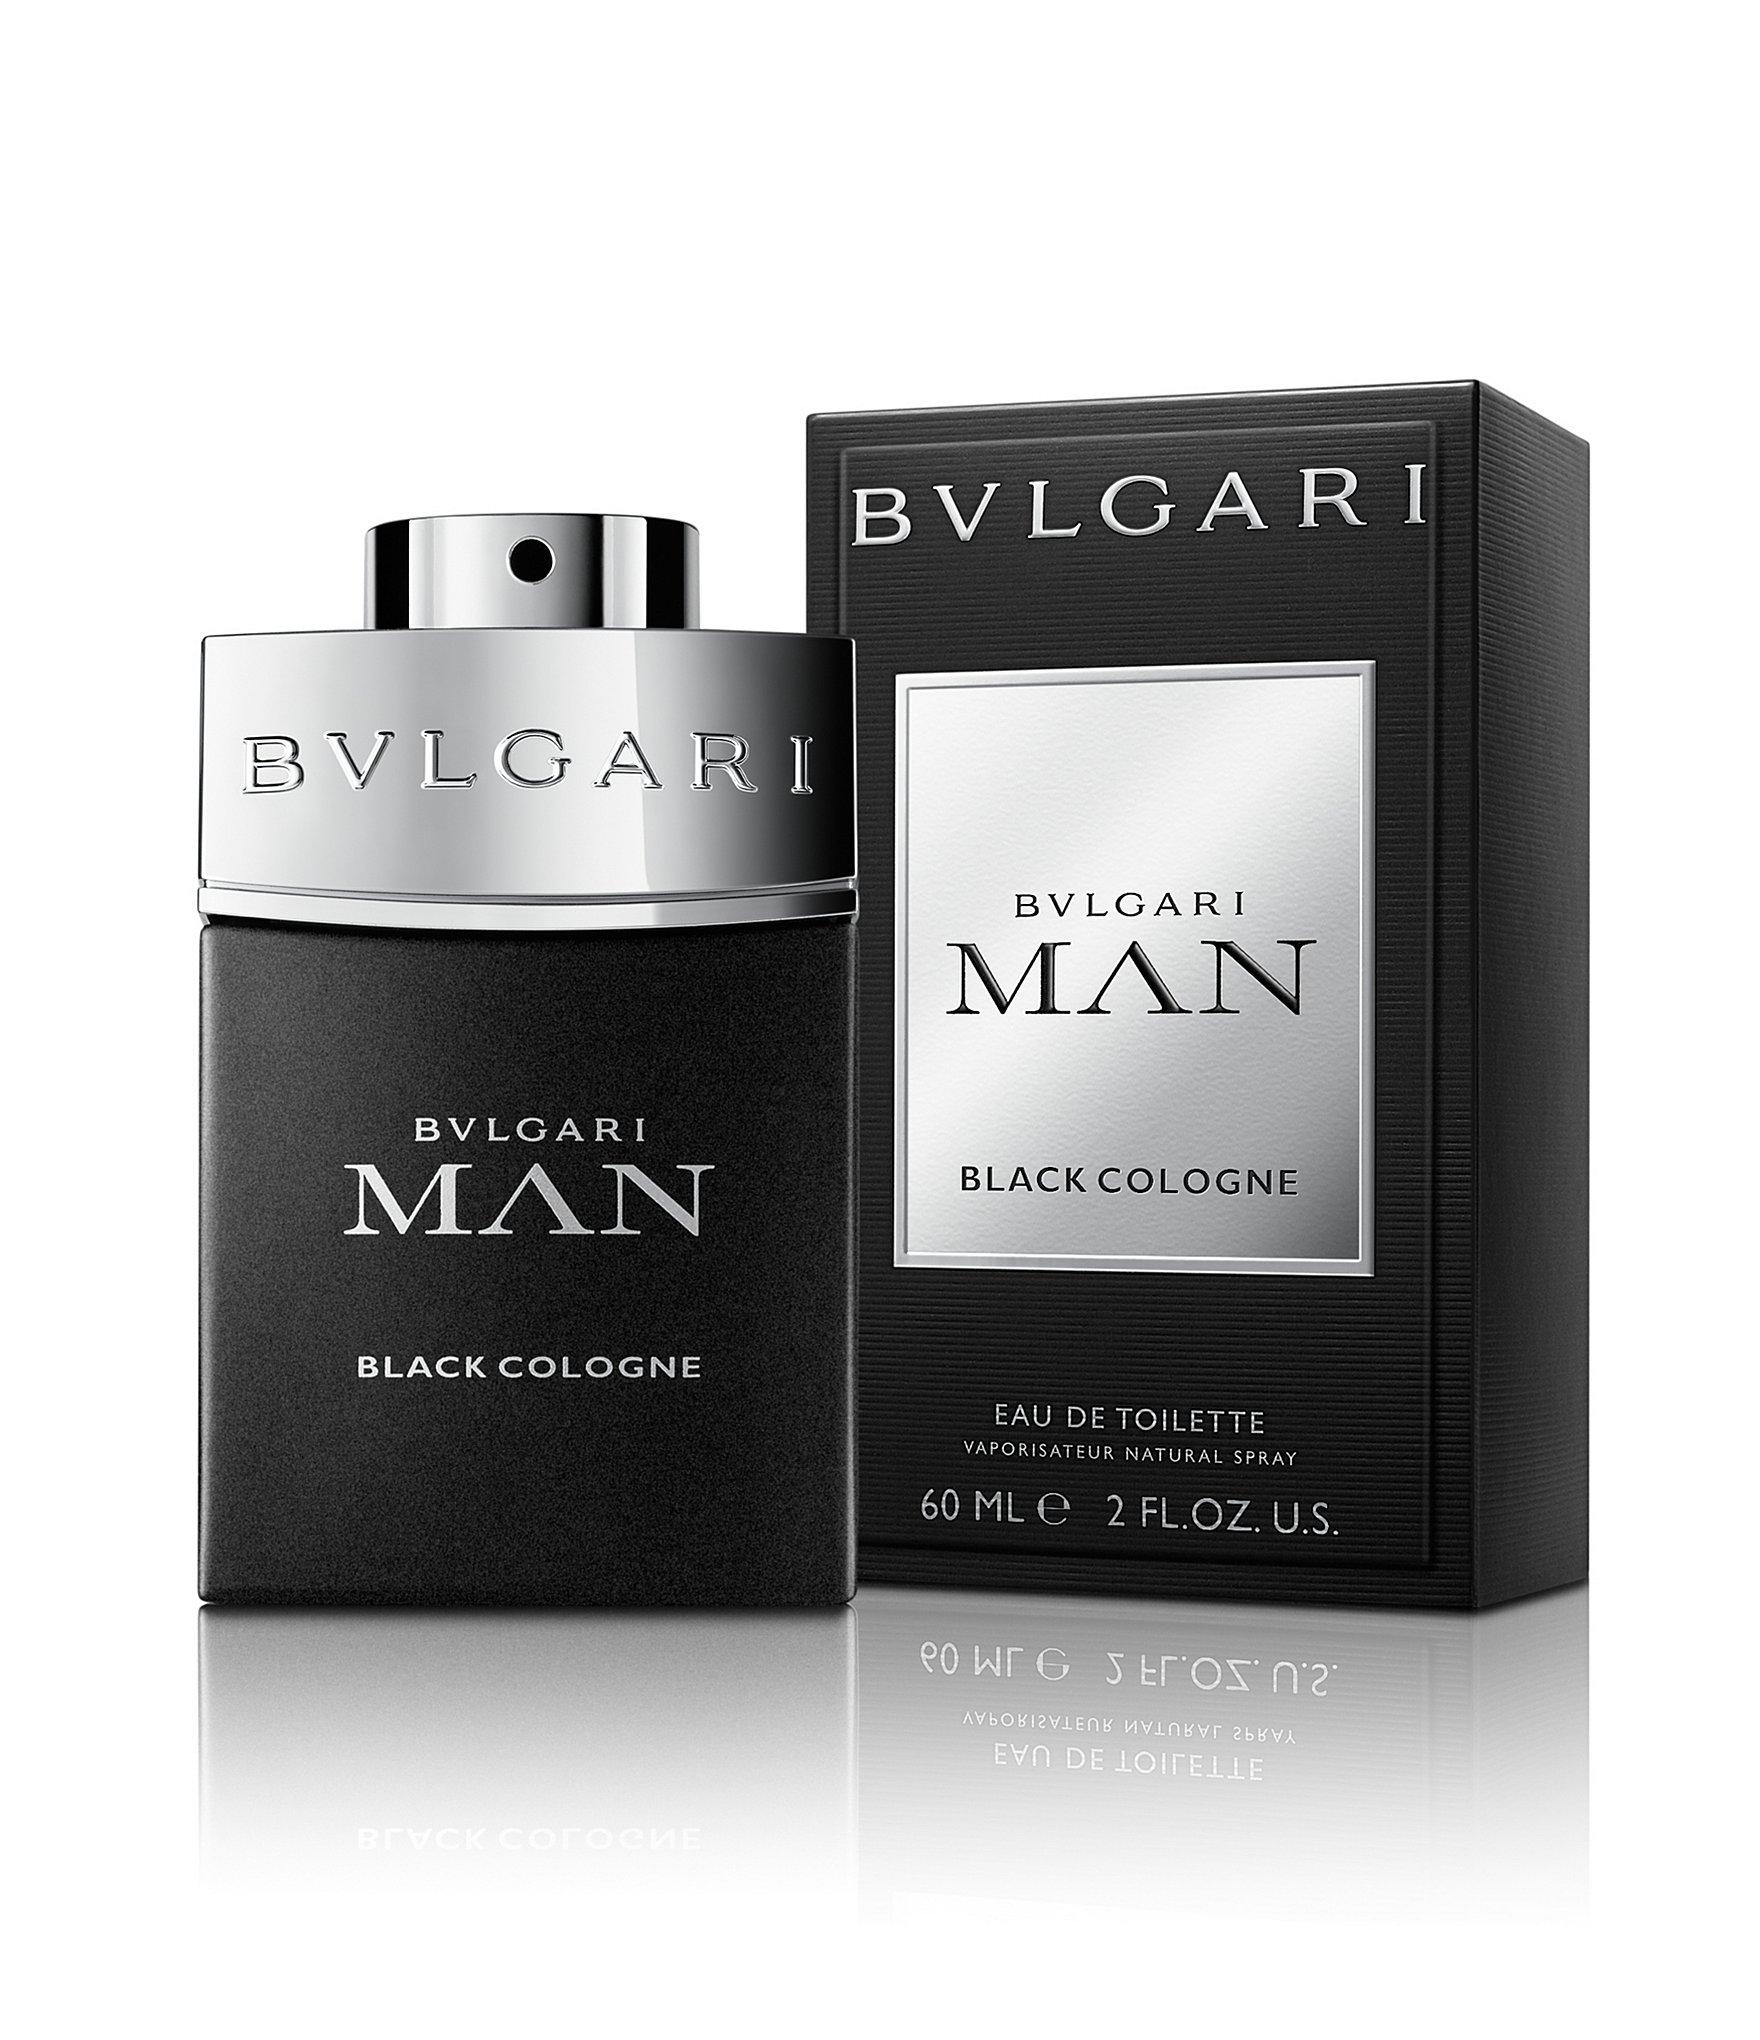 Bvlgari Man Black Cologne, 60ml, Toaletní voda